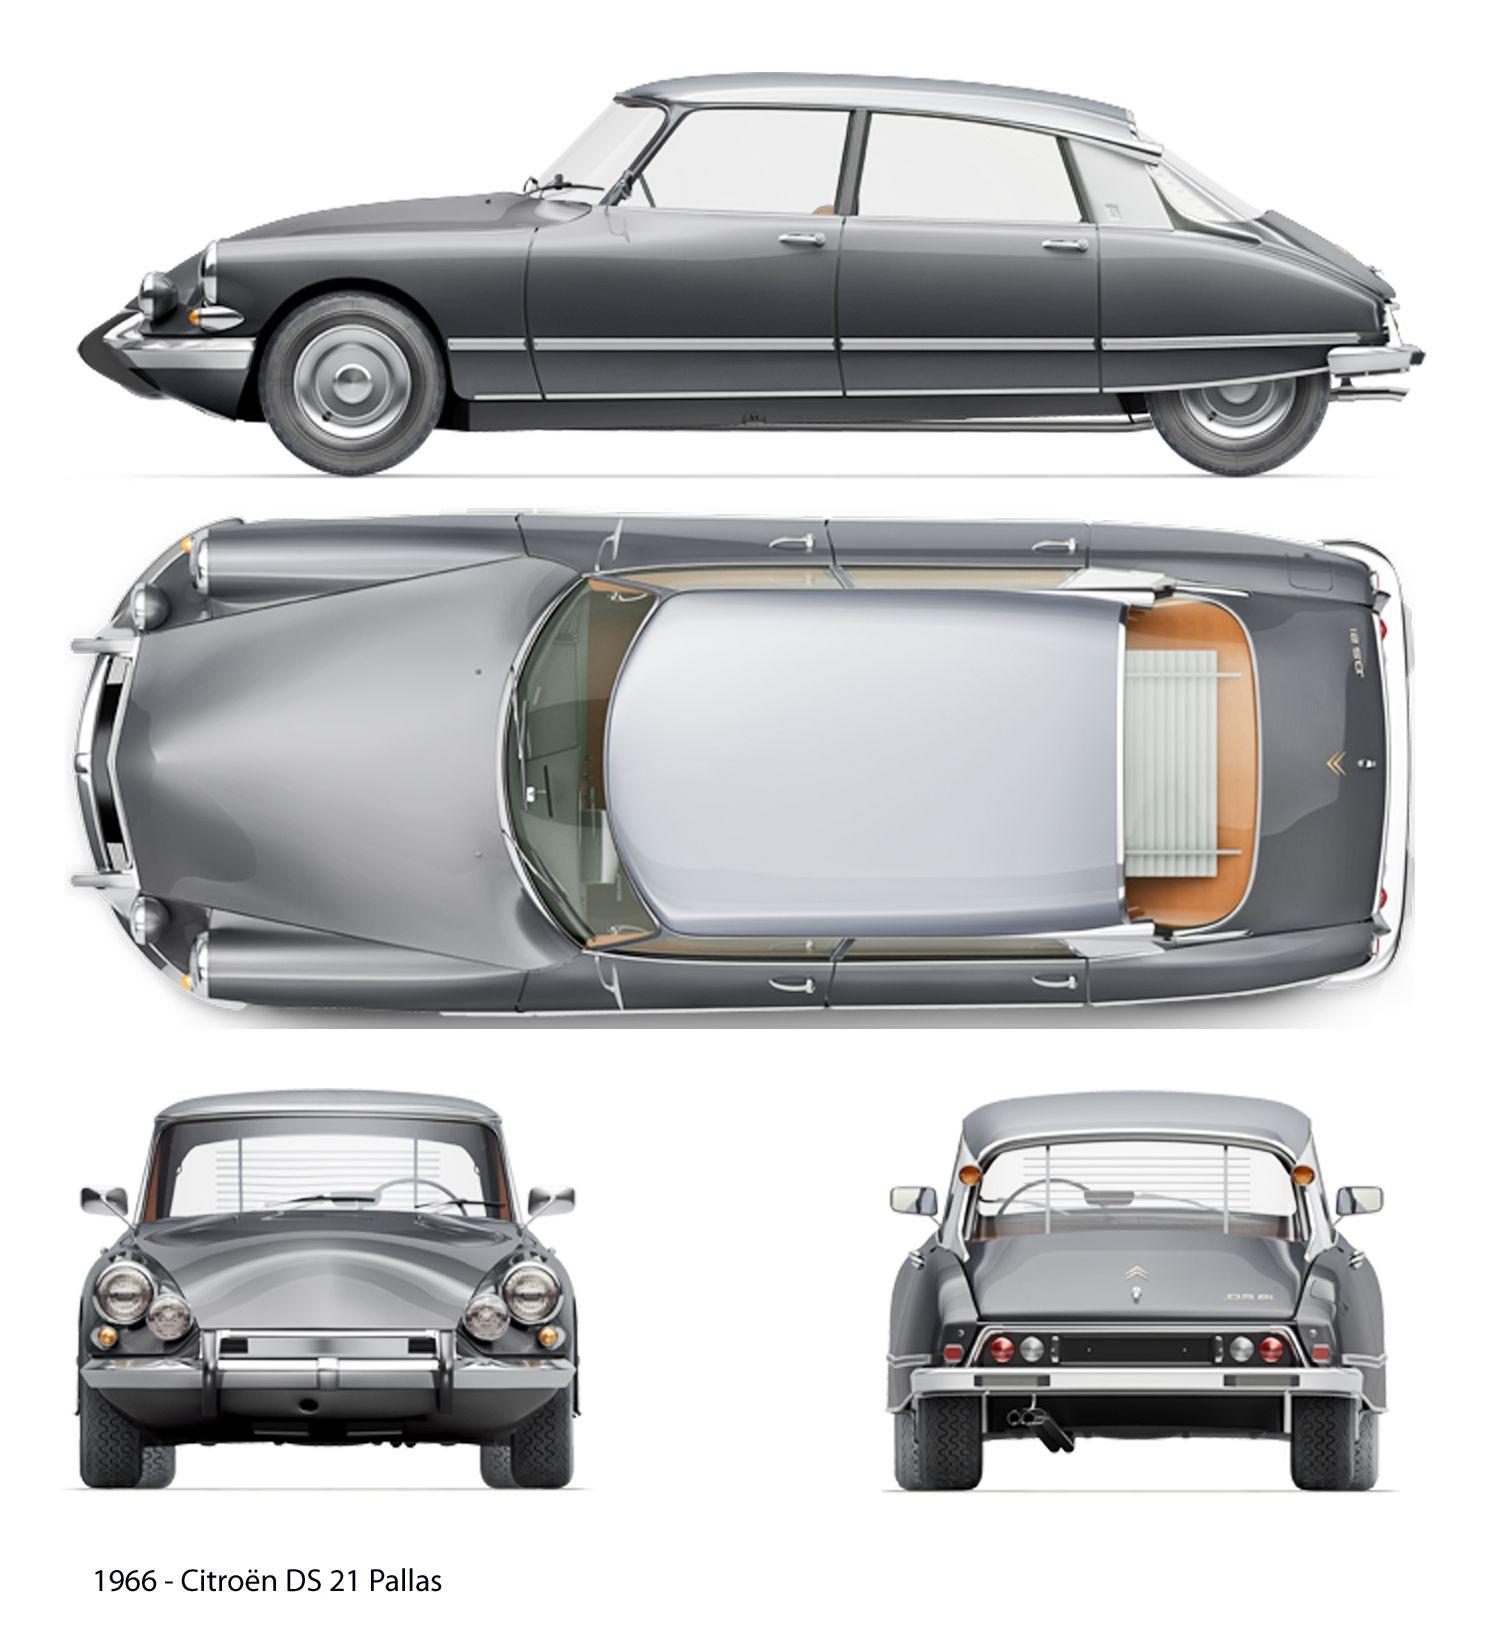 Citroën DS 21 Pallas (1966) | SMCars.Net - Car Blueprints Forum ...